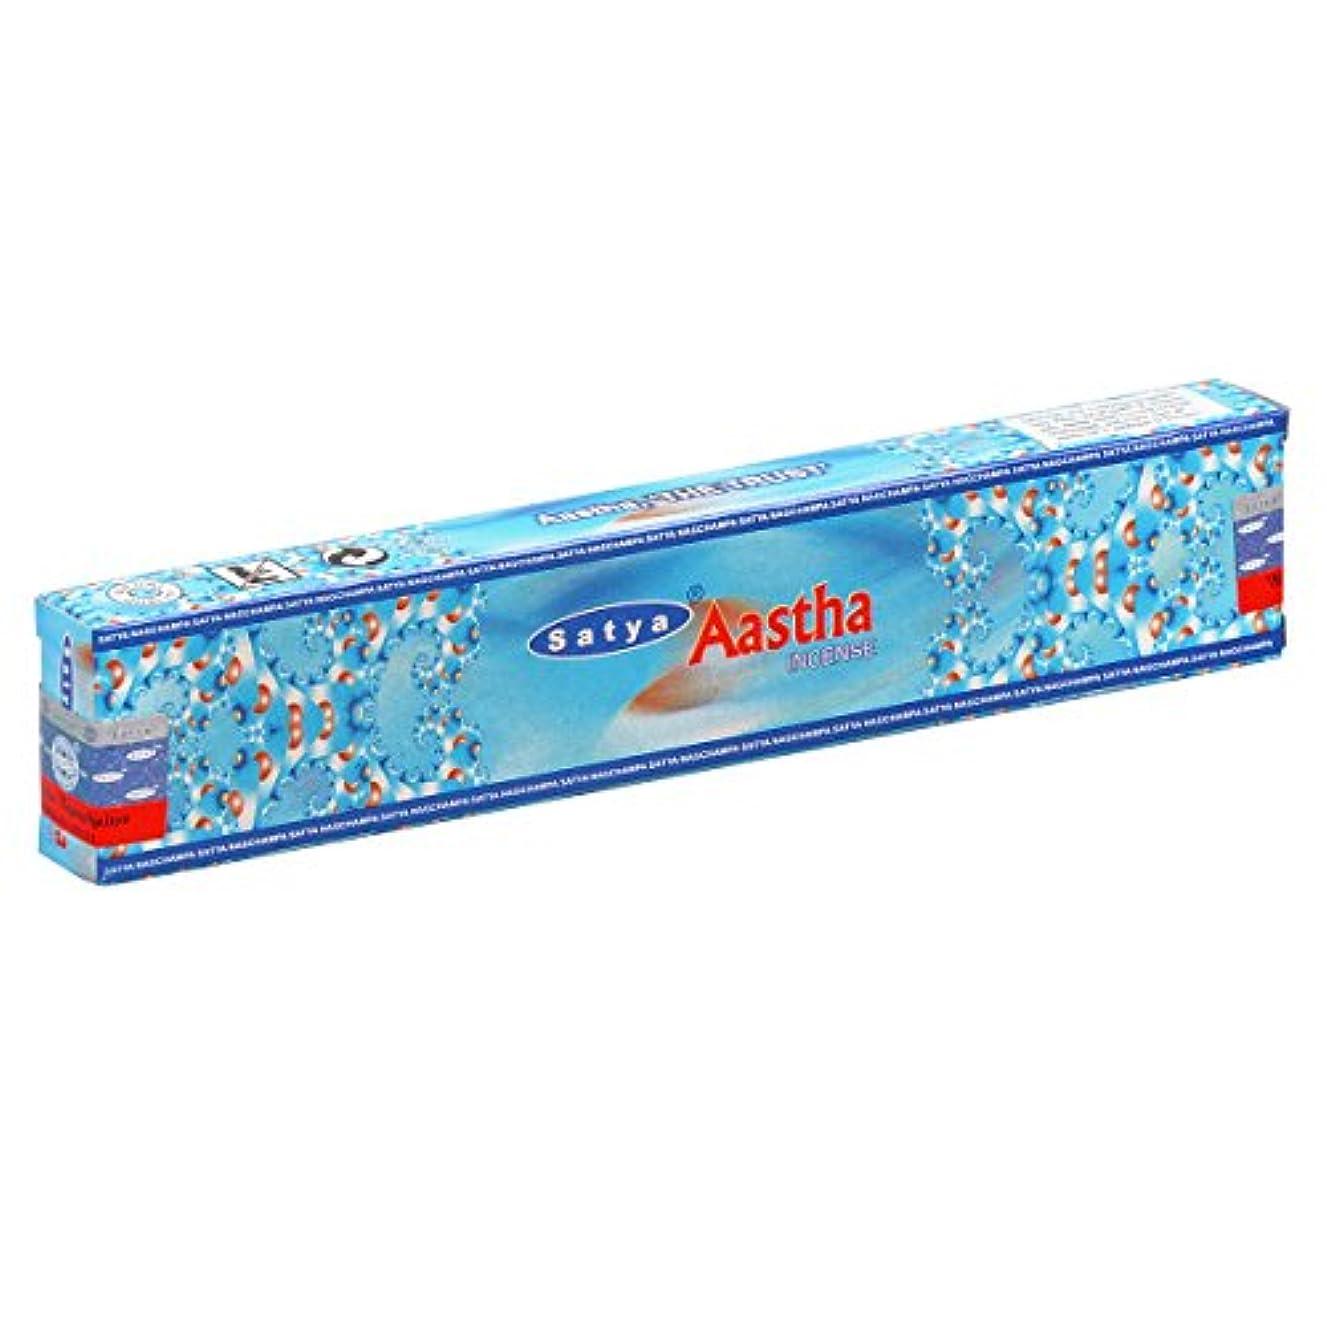 酔って血色の良い批判的にSATYA(サティヤ) アースタ Aastha スティックタイプ お香 1箱 単品 [並行輸入品]